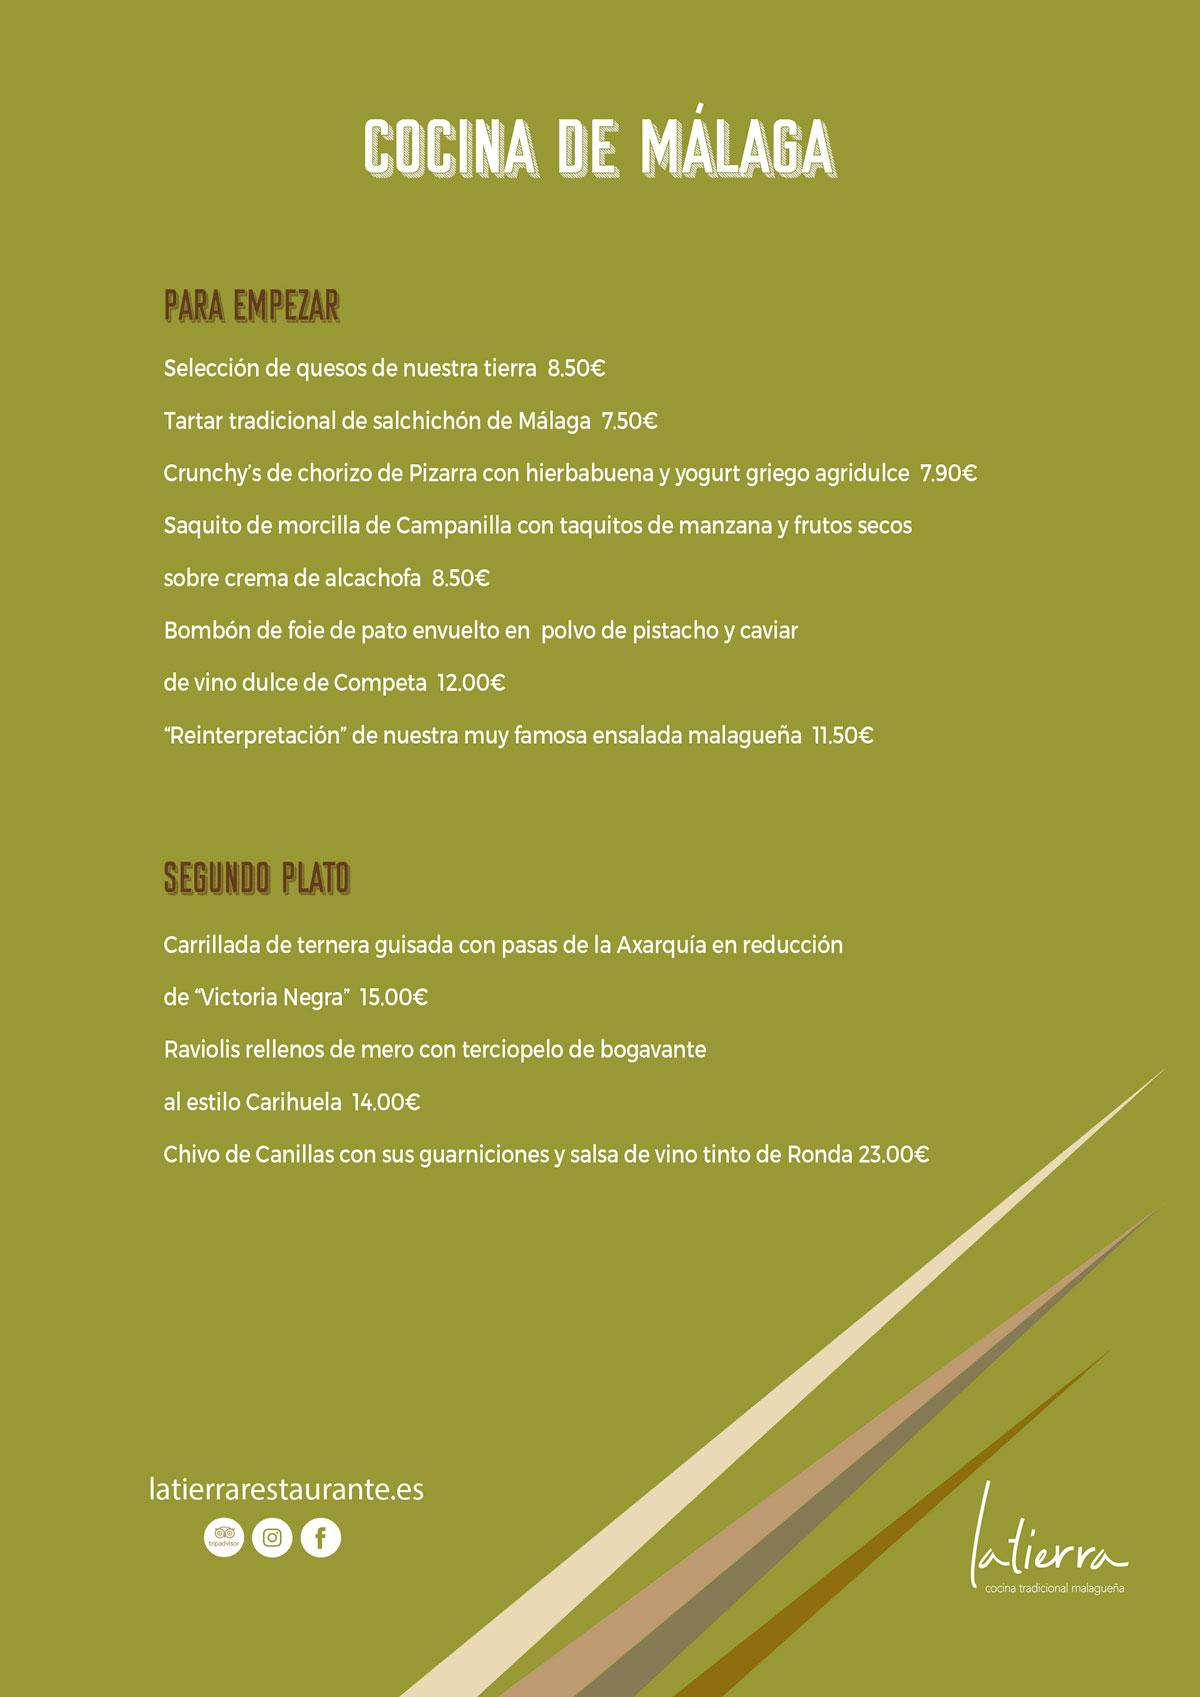 Carta Cocina de Málaga